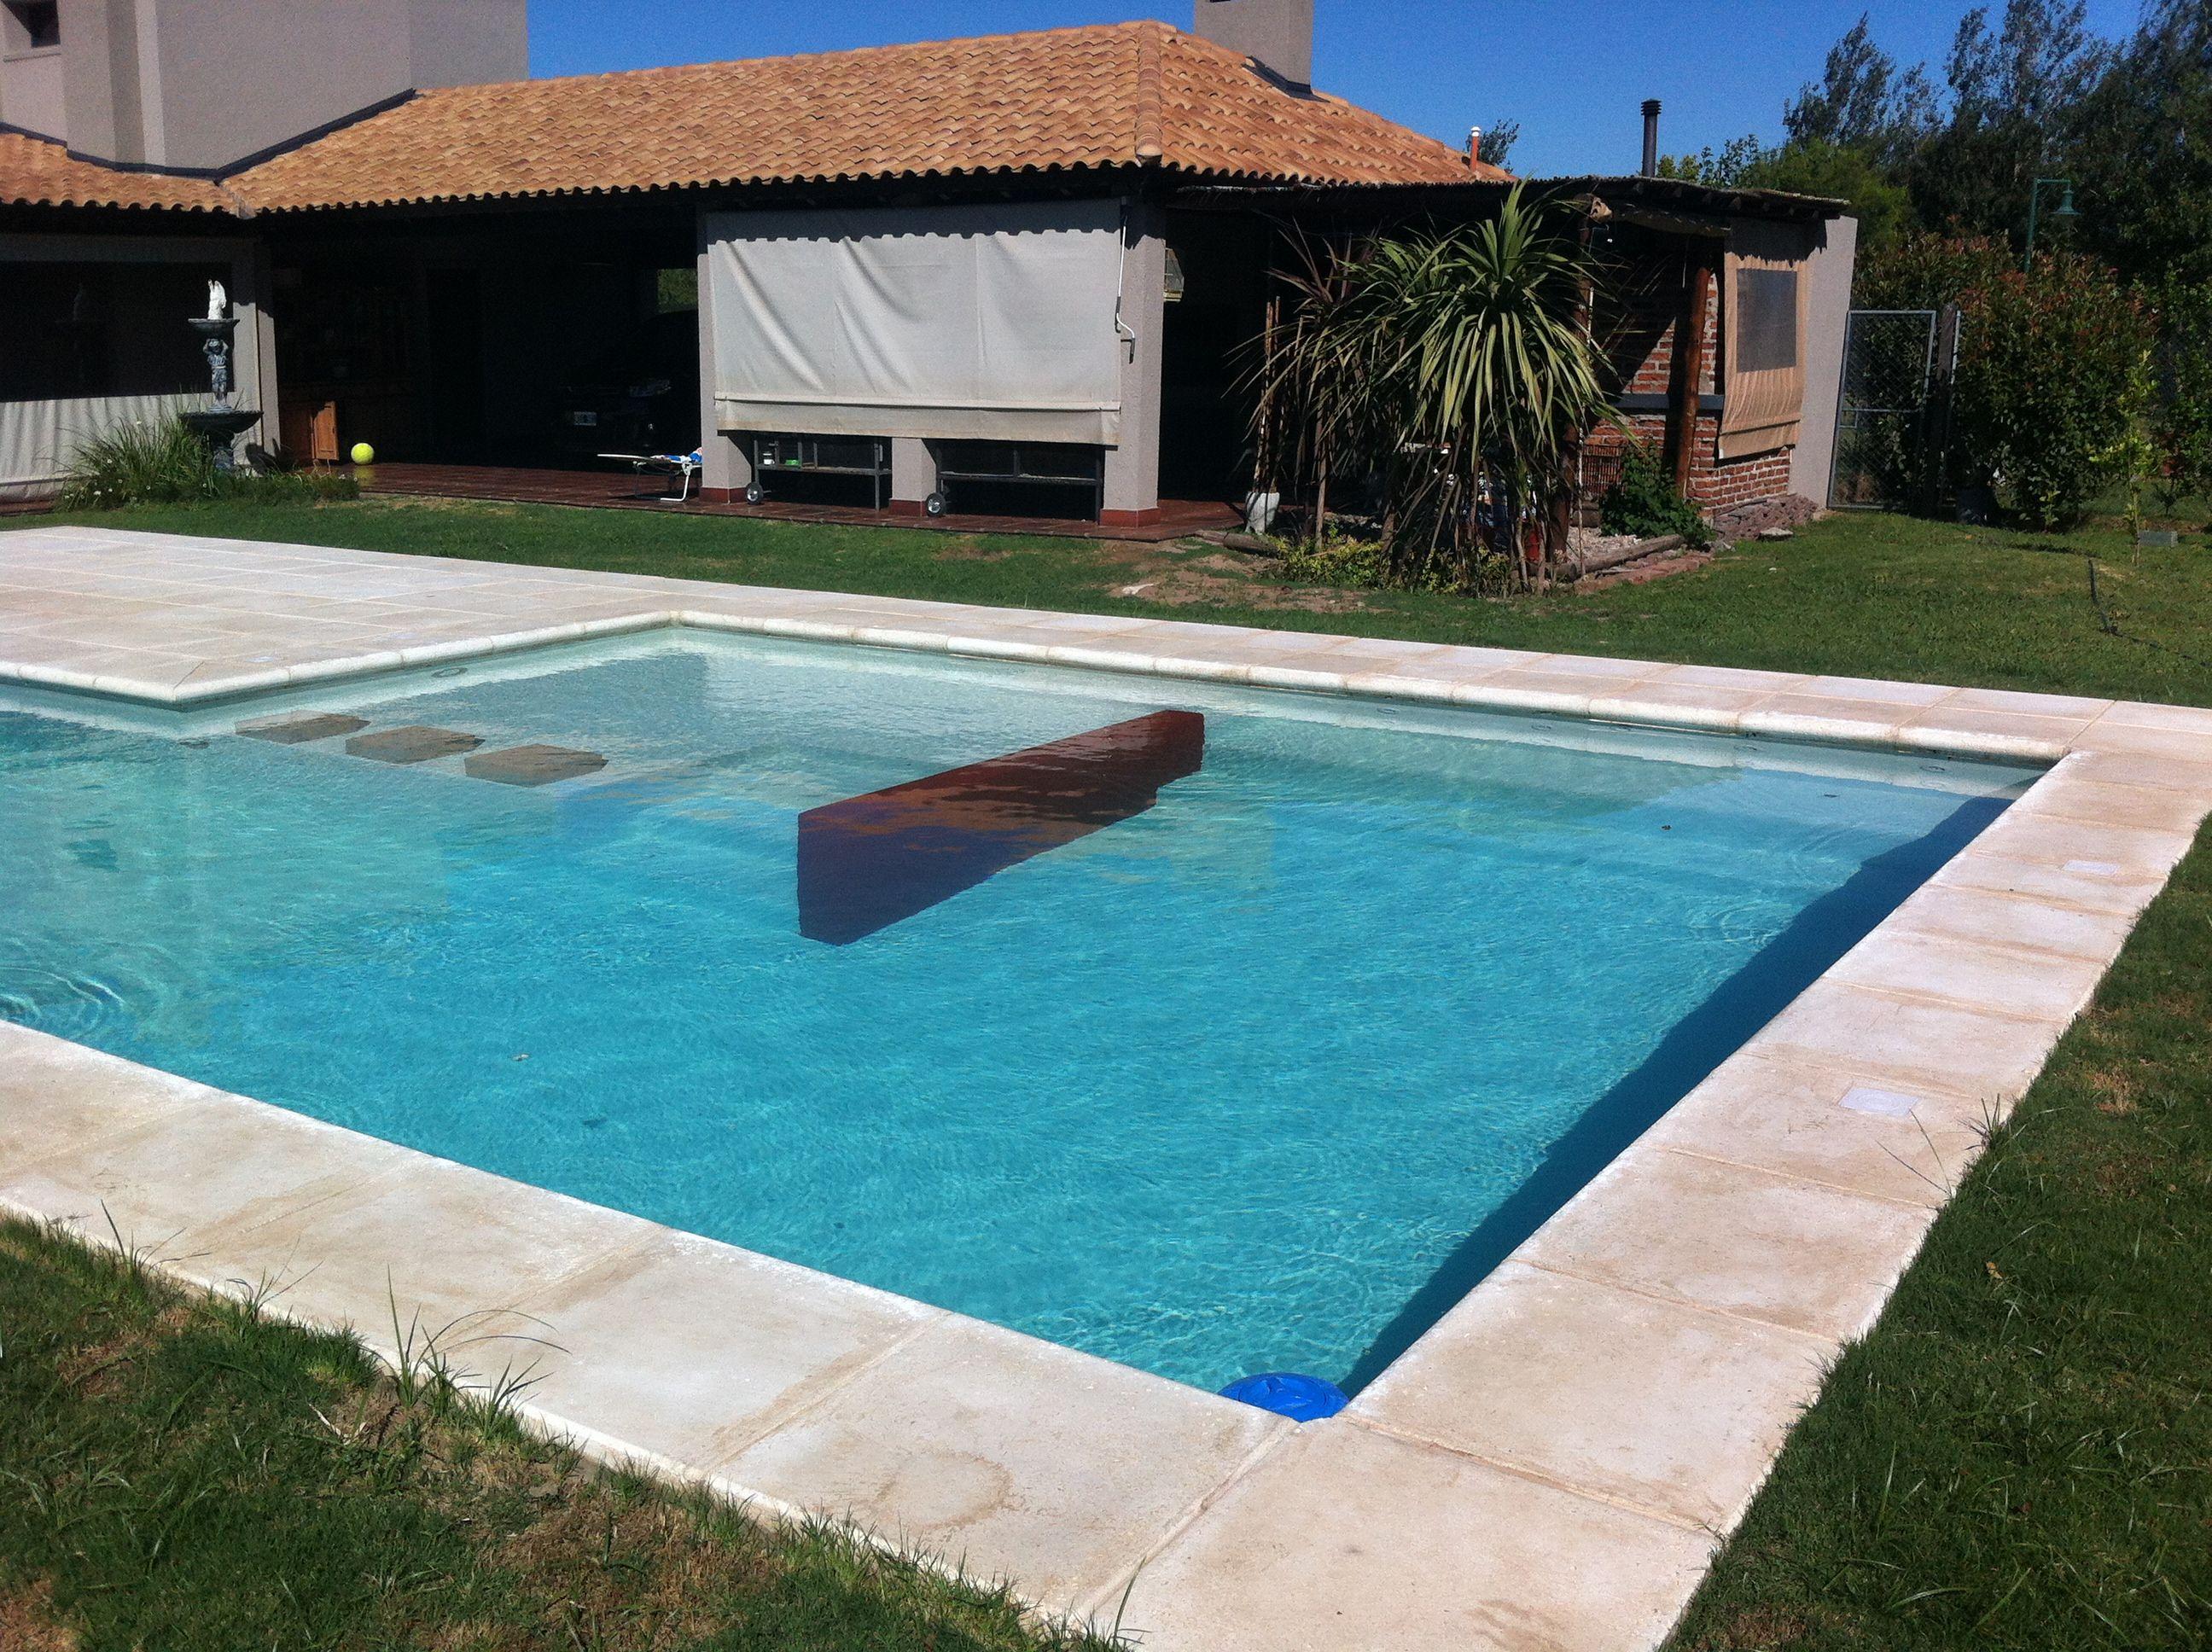 Dise os de piscinas modernas casa dise o for Disenos de piscinas para casas